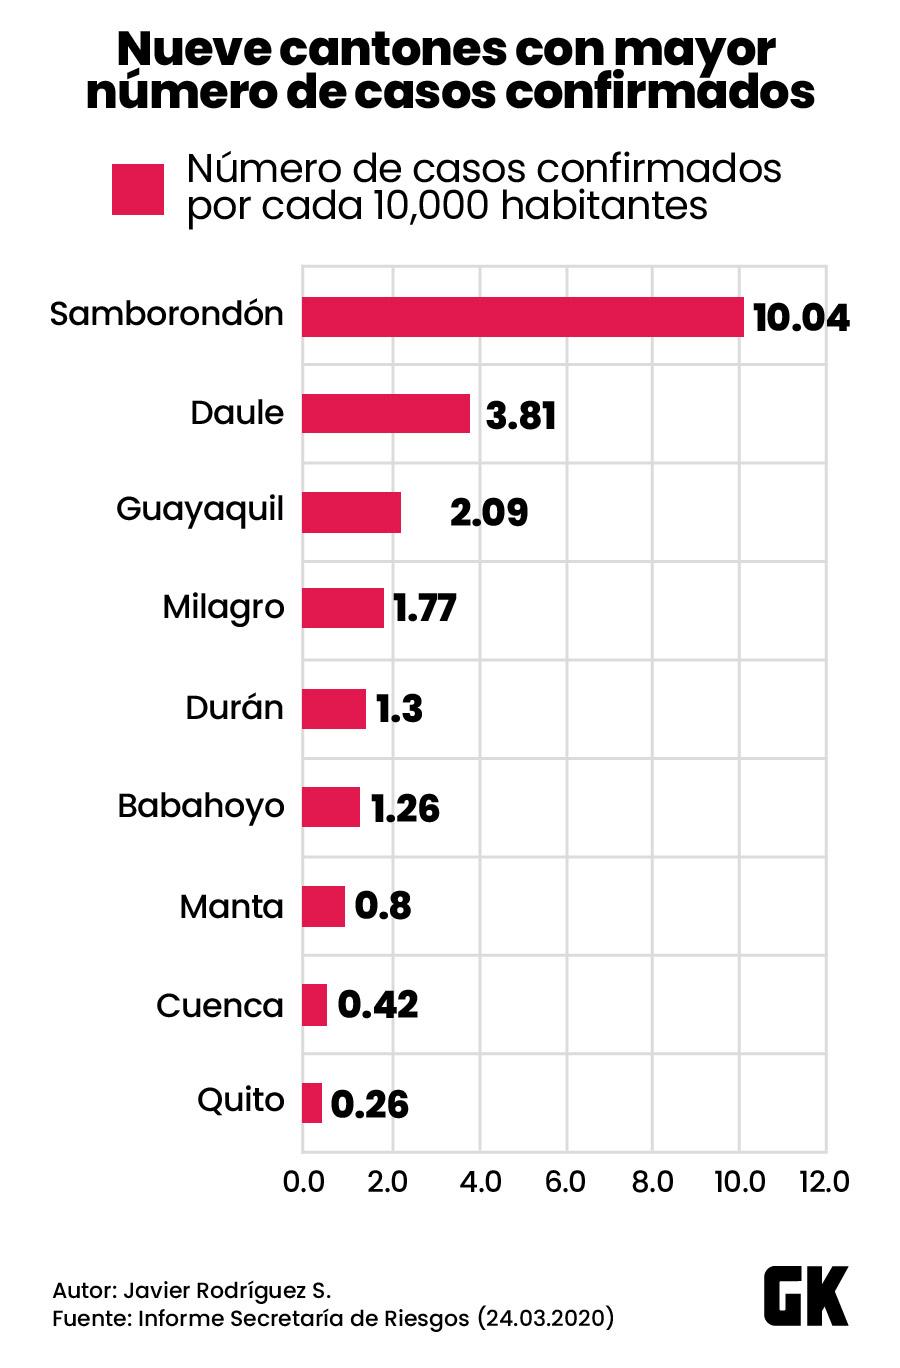 ¿El sistema de salud ecuatoriano puede enfrentar el coronavirus?